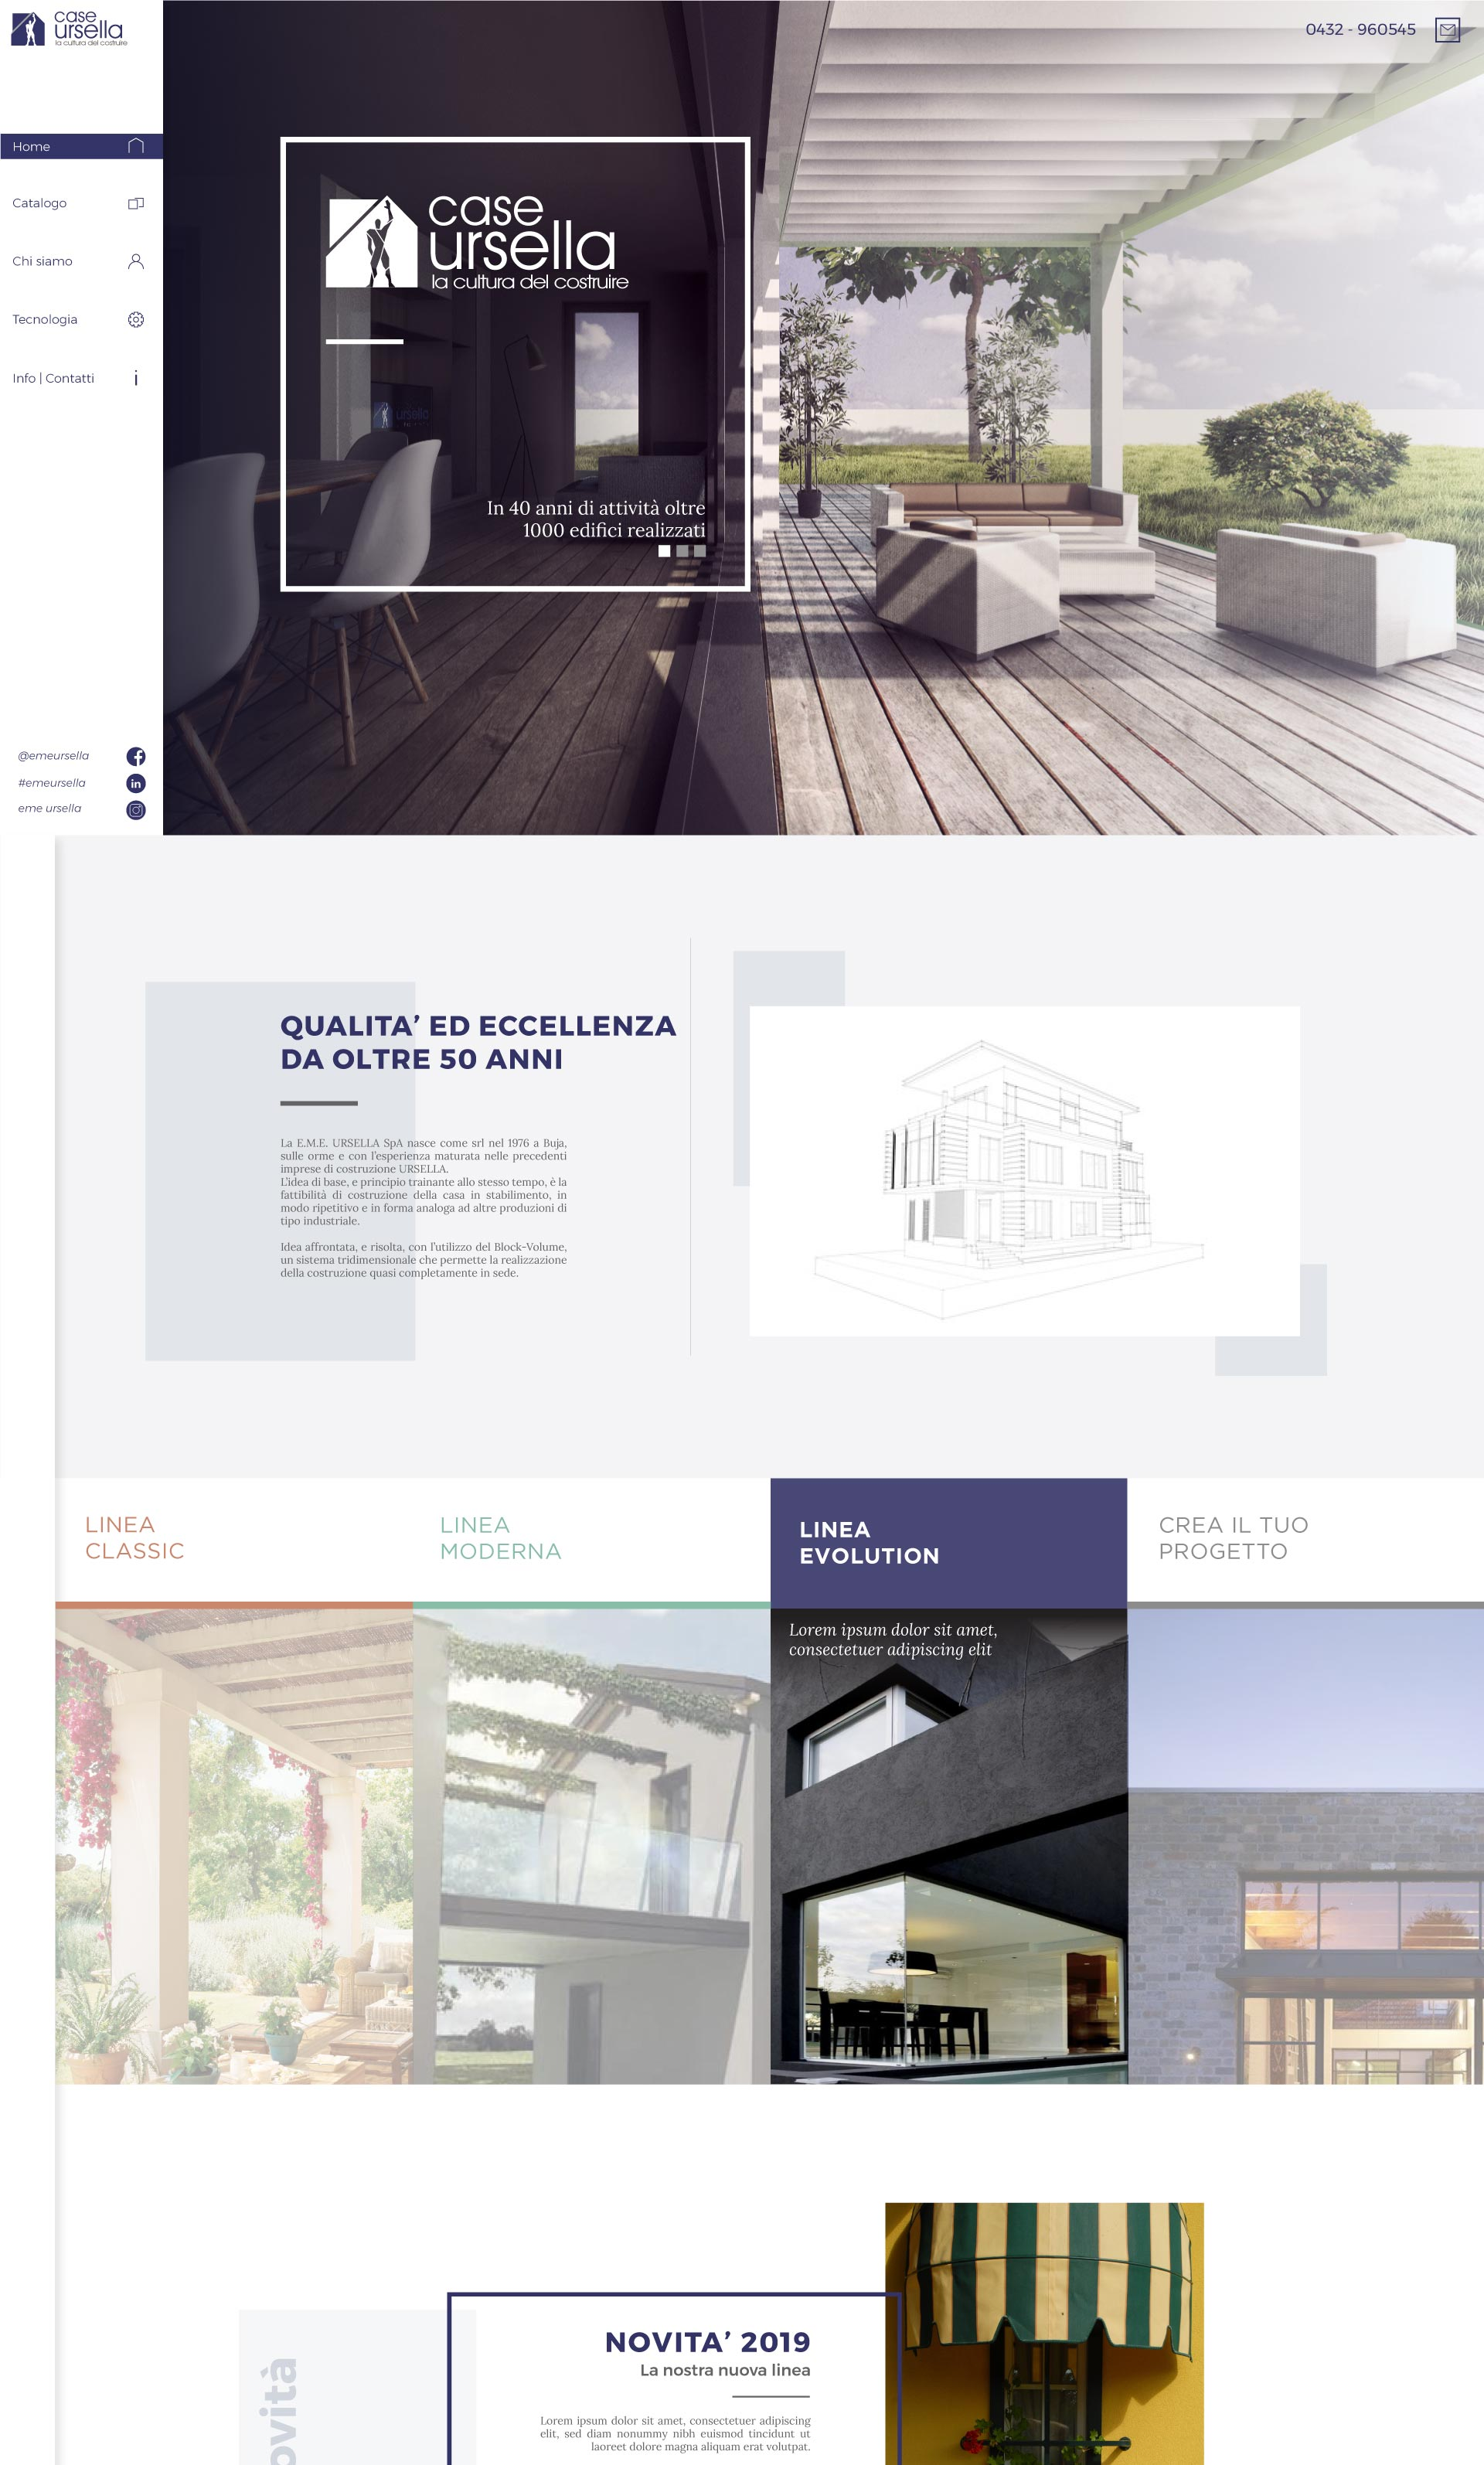 Web design_esempio 2